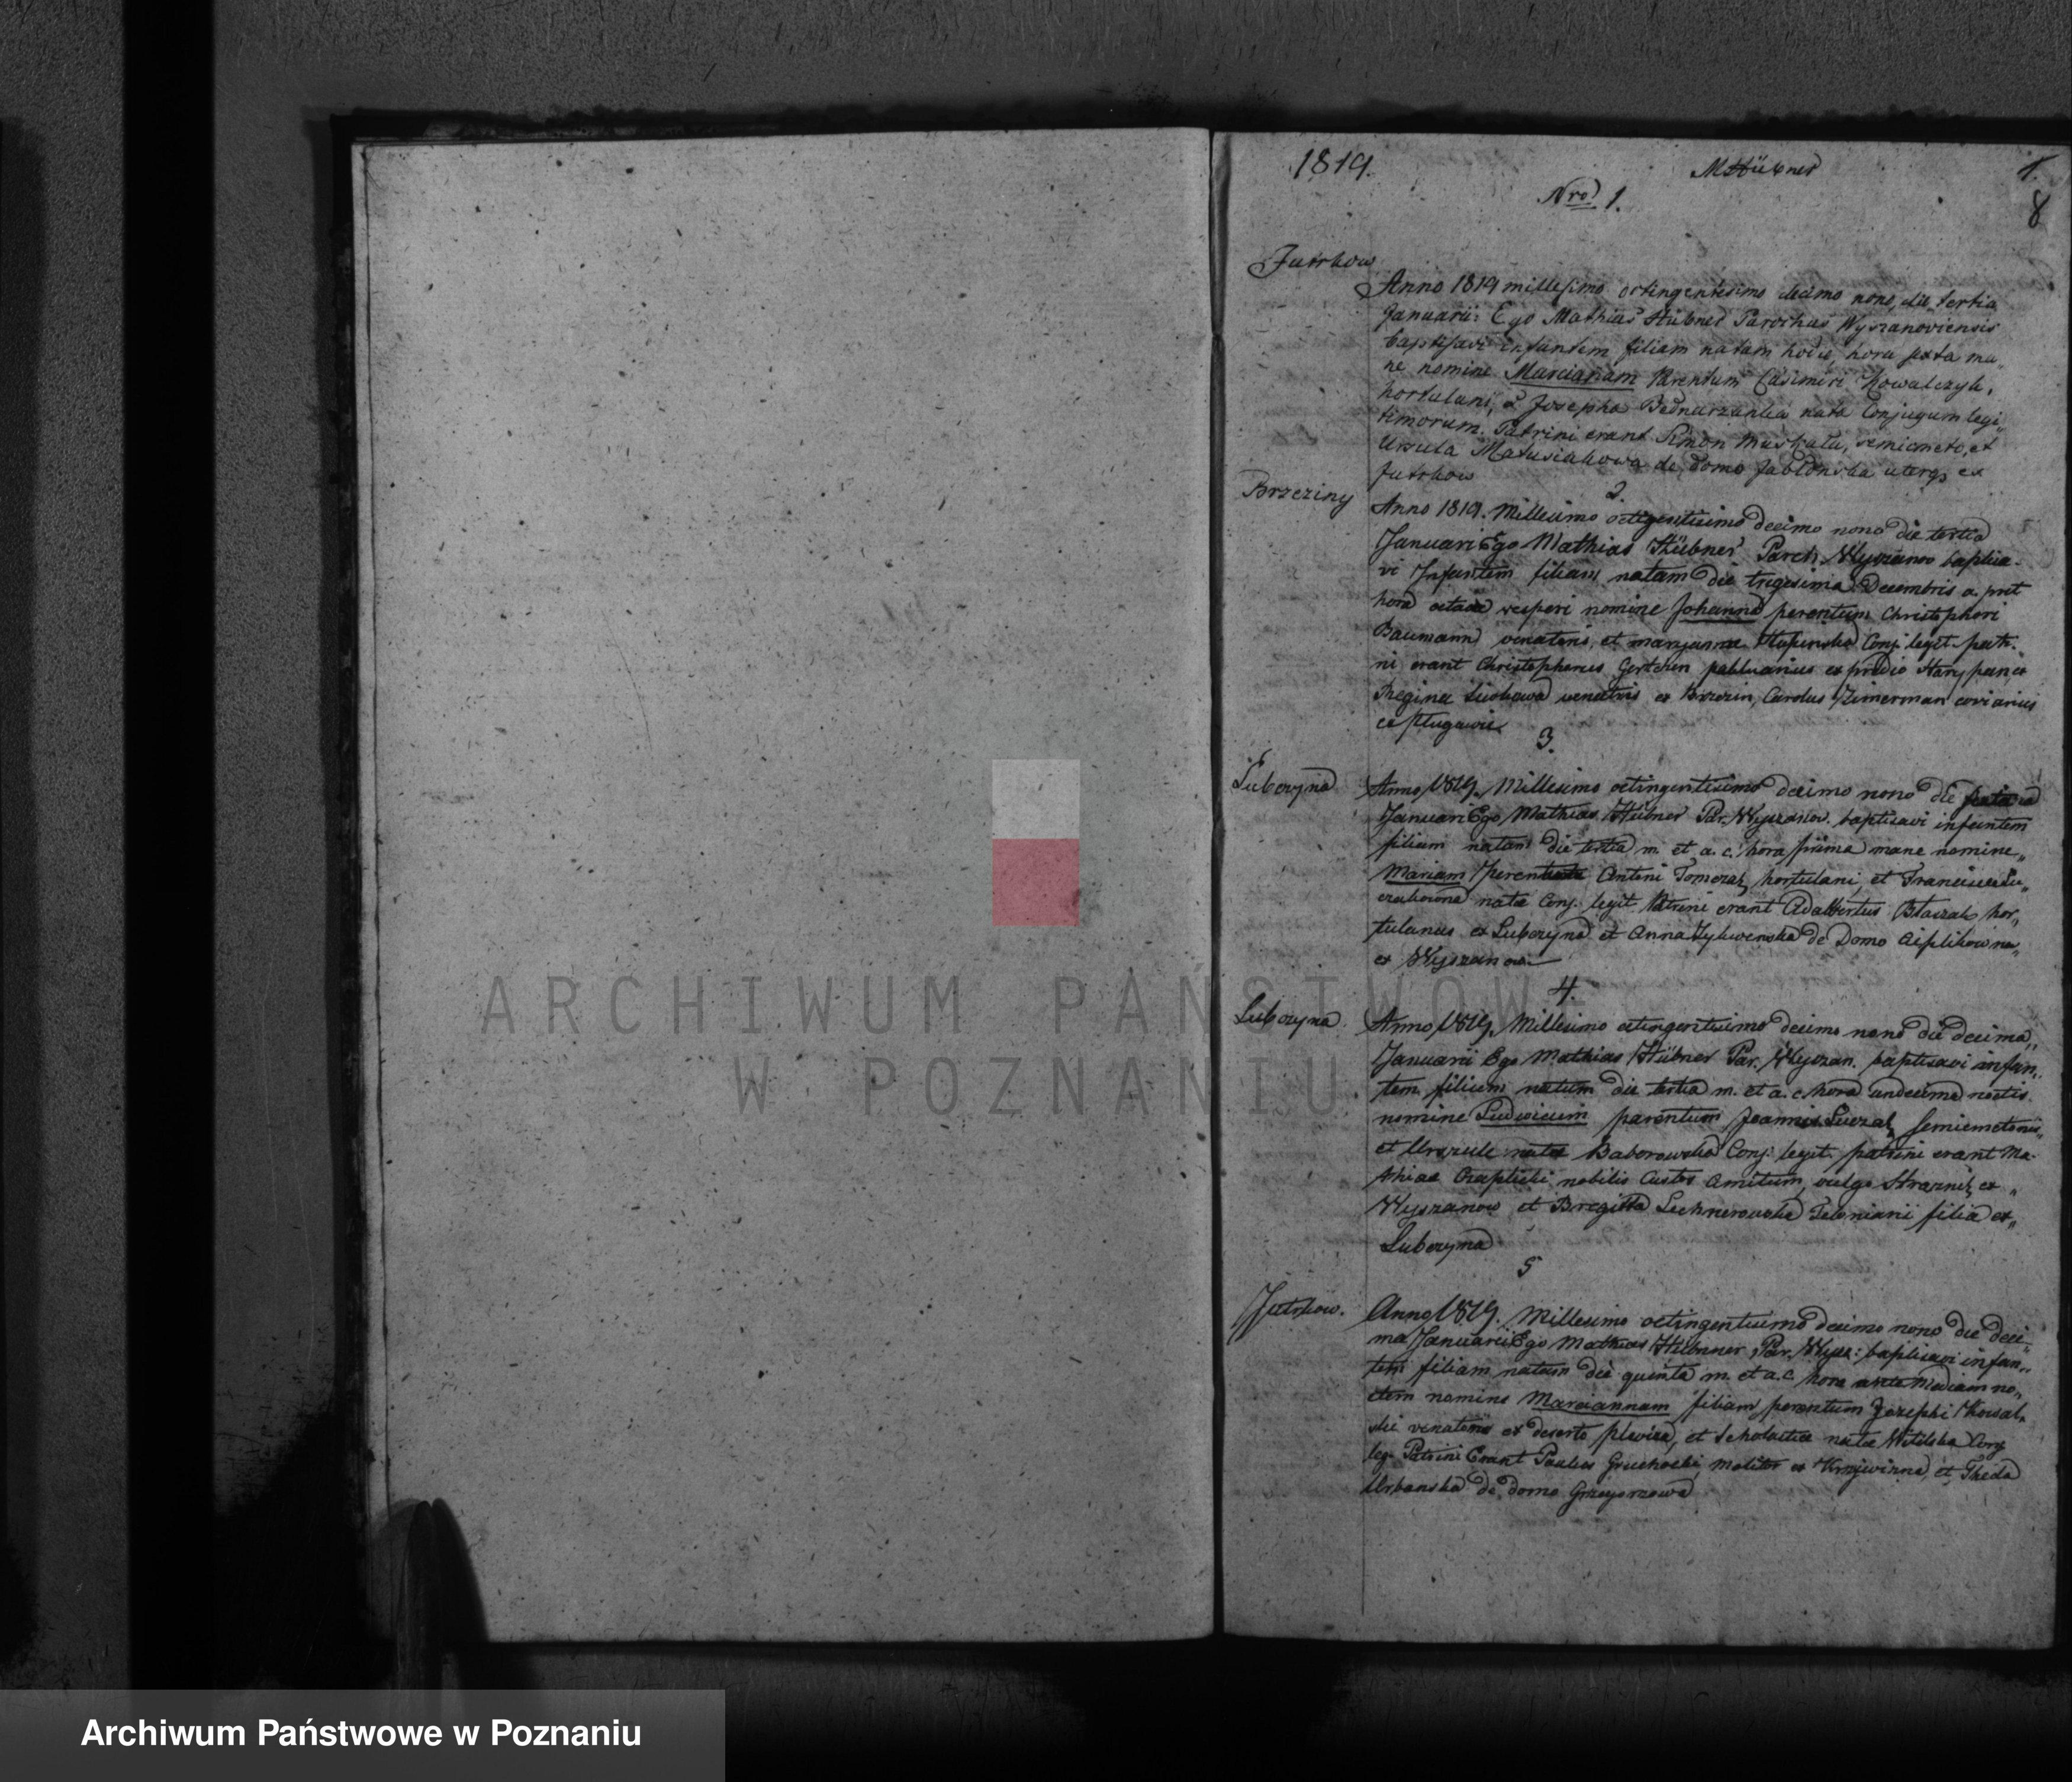 Skan z jednostki: Księga ślubów, chrztów i pogrzebów